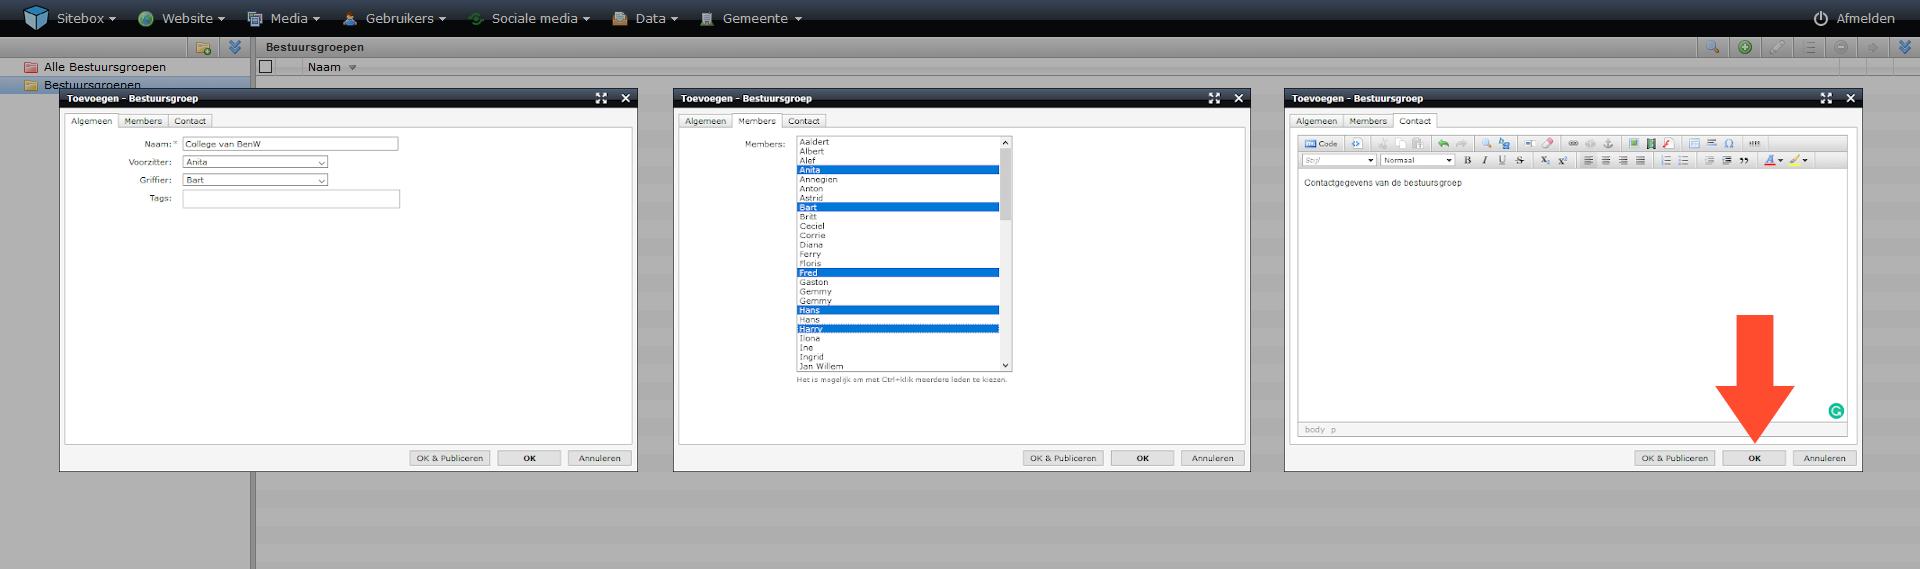 schermafdruk van de drie tabbladen van het scherm bestuursgroep toevoegen